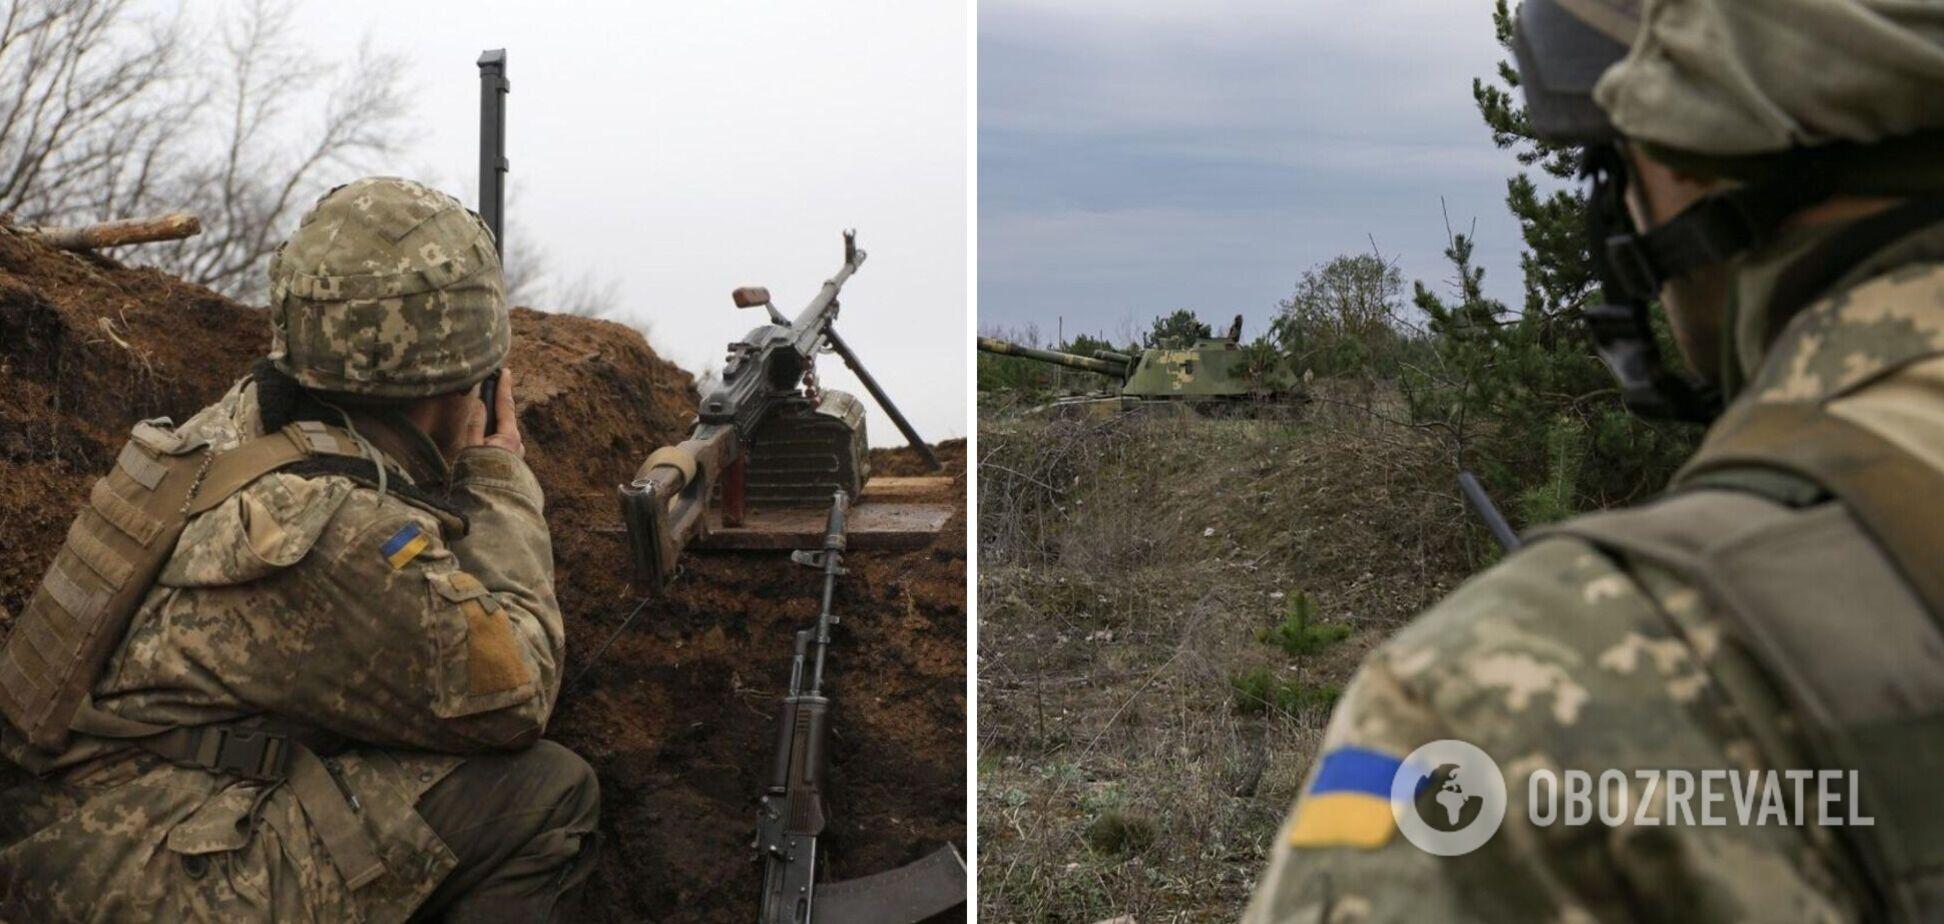 Наемники РФ обстреляли позиции ВСУ на Донбассе из минометов и гранатометов